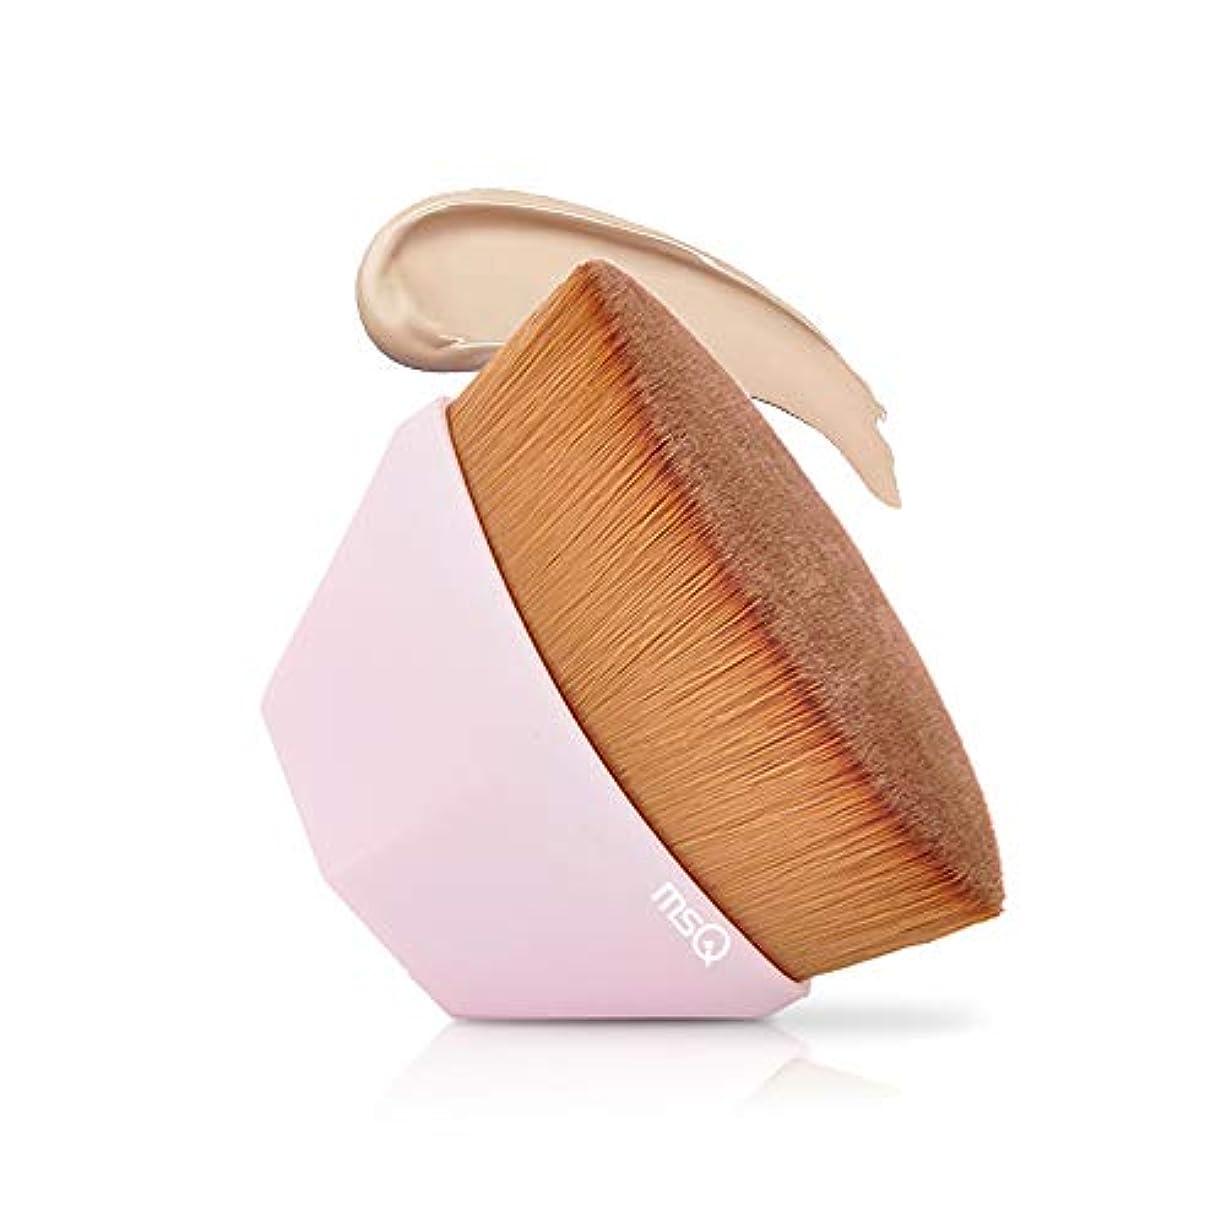 メンター怠ダンスMSQ 化粧ブラシ 人気 メイクブラシ メイクアップブラシ 粧ブラシ 可愛い 化粧筆 肌に優しい ファンデーションブラシ アイシャドウブラシ 携帯便利 (ピンク化粧ブラシ)